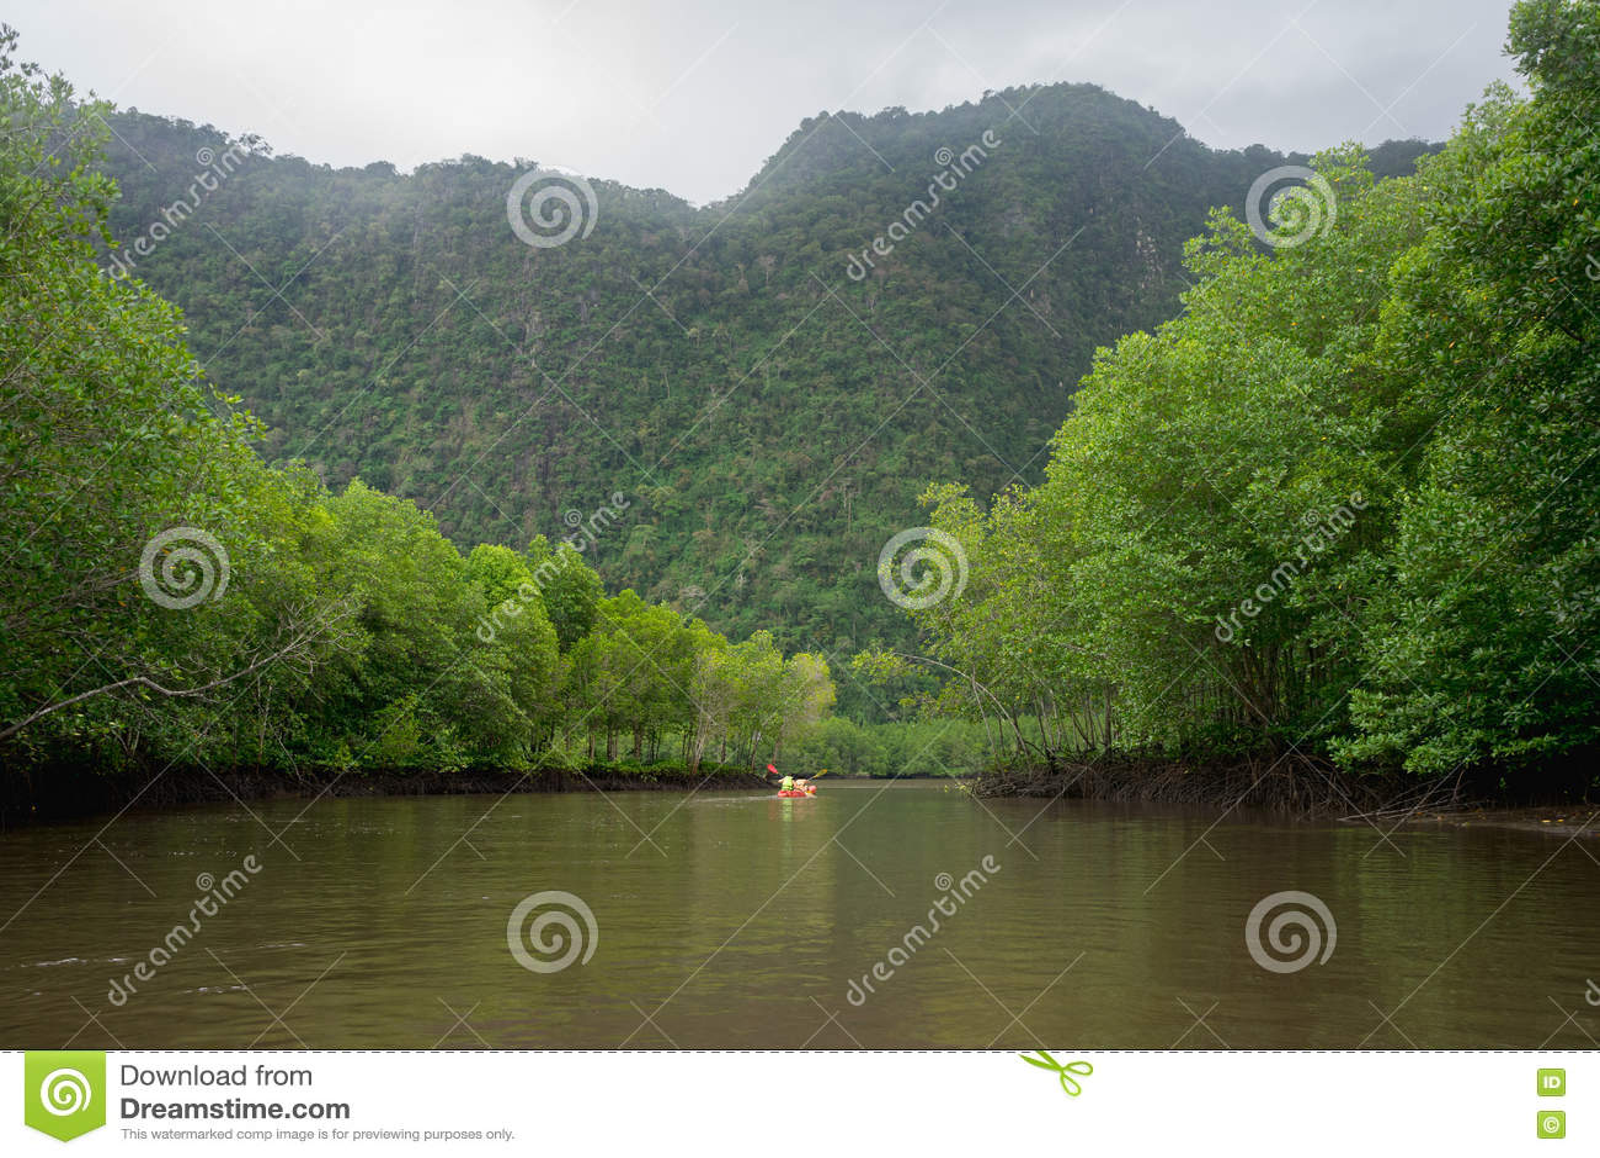 河、山和美洲红树与红色皮船的森林视图